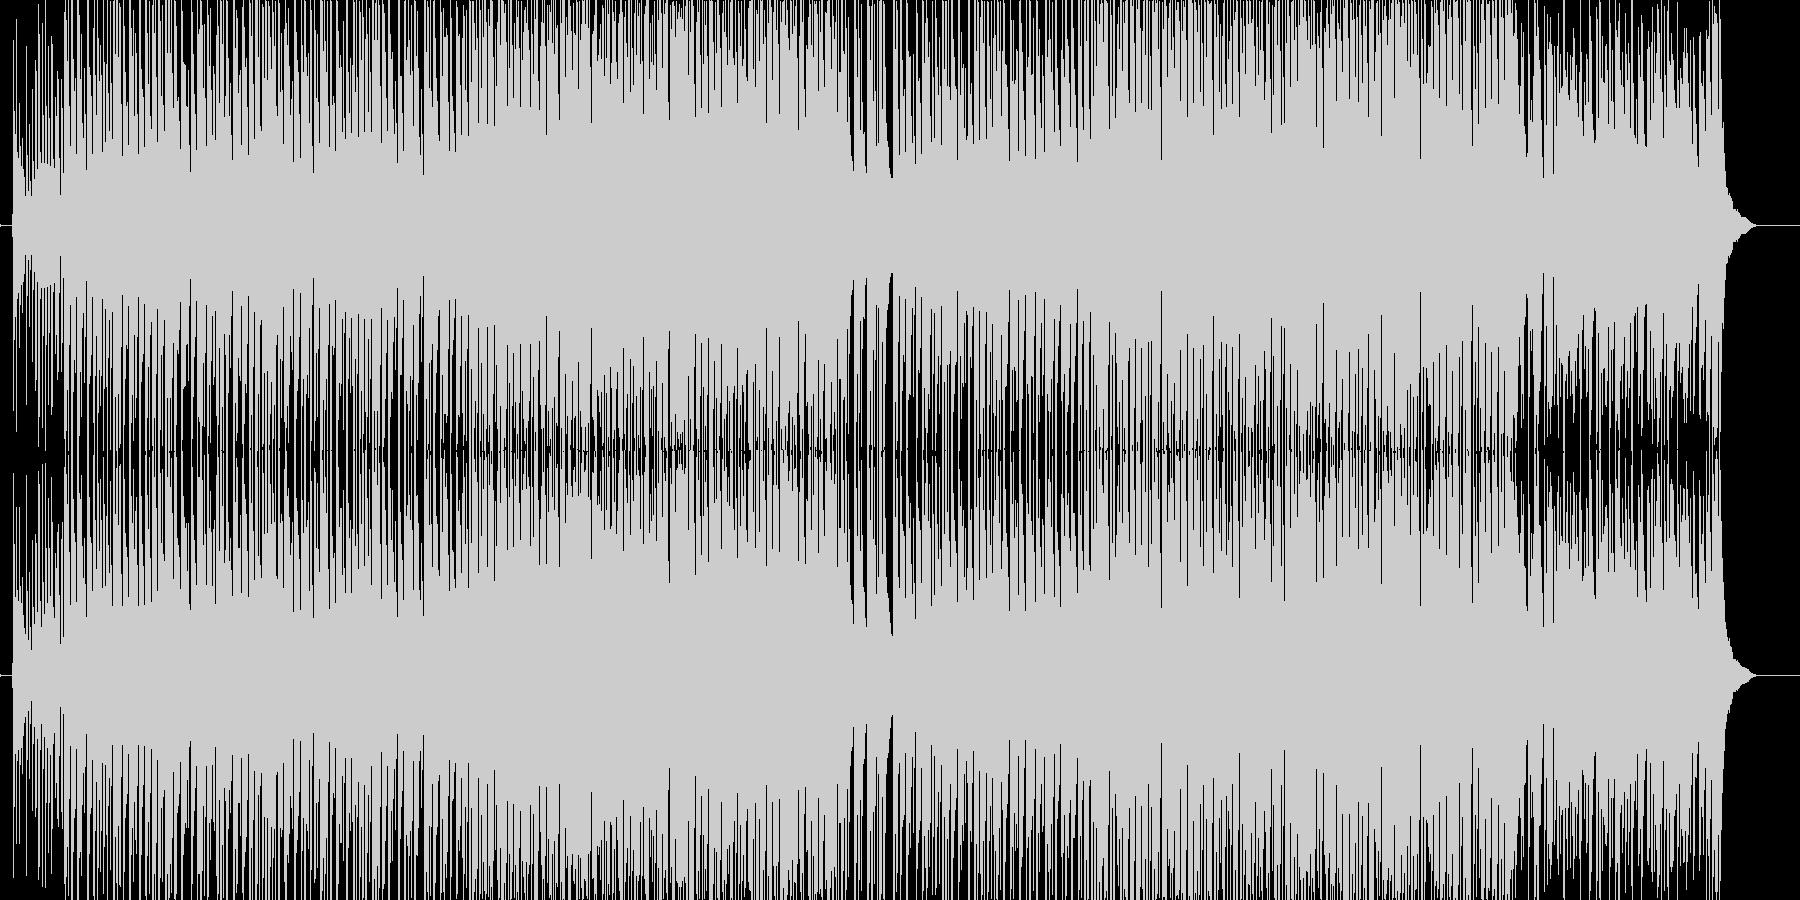 ど真ん中!太鼓と三味線が熱い曲(声なし)の未再生の波形